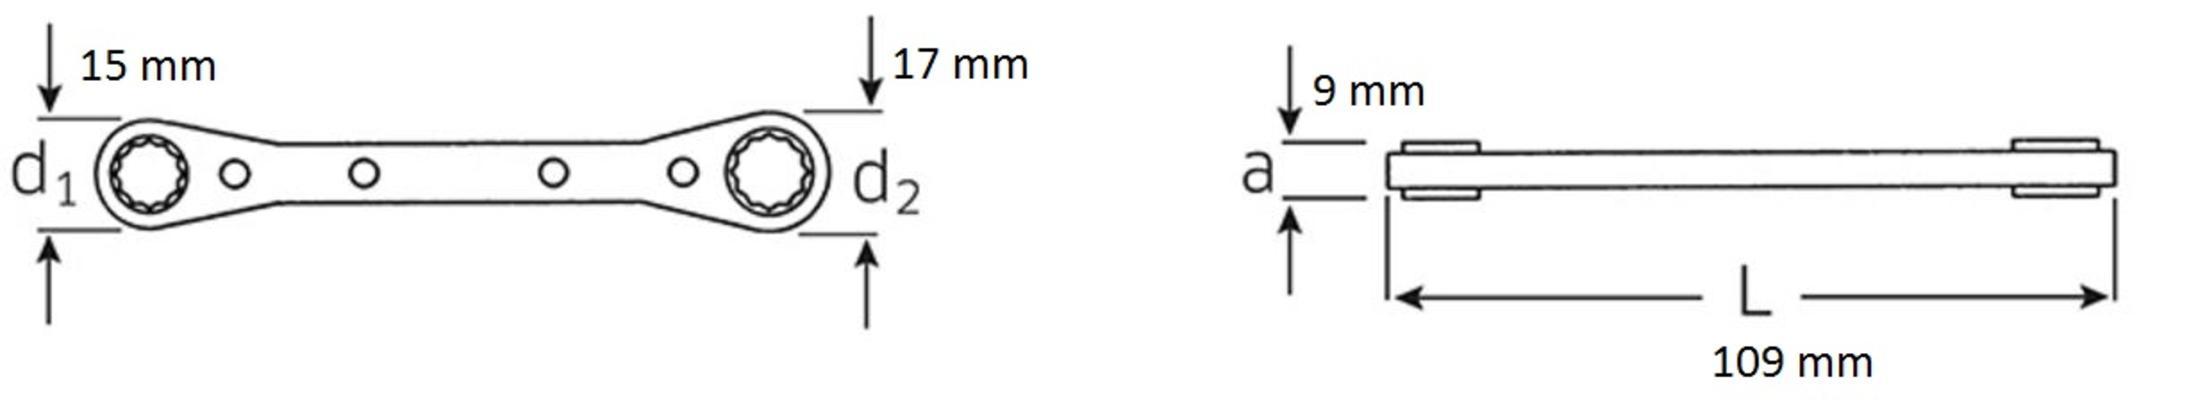 """Räikkälenkkiavain 1/4"""" ja 5/16"""", Stahlwille - Räikkälenkkiavain 1/4"""" ja 5/16"""""""